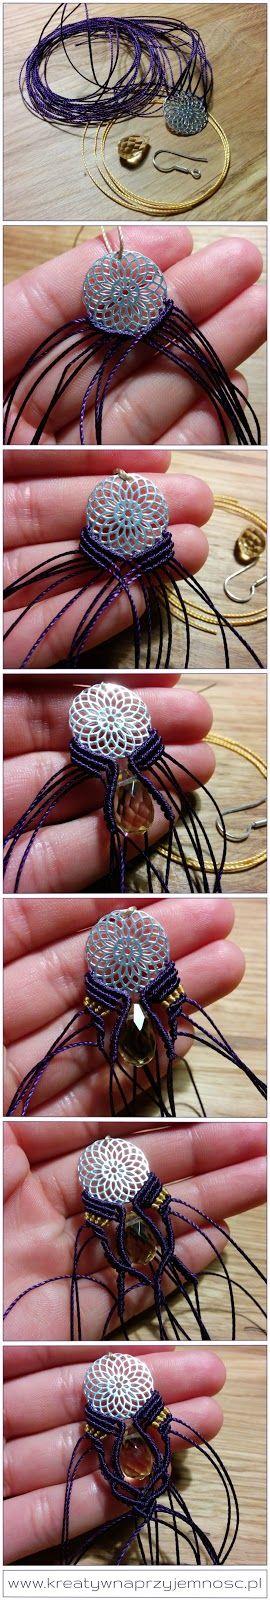 Micro macrame earrings DIY